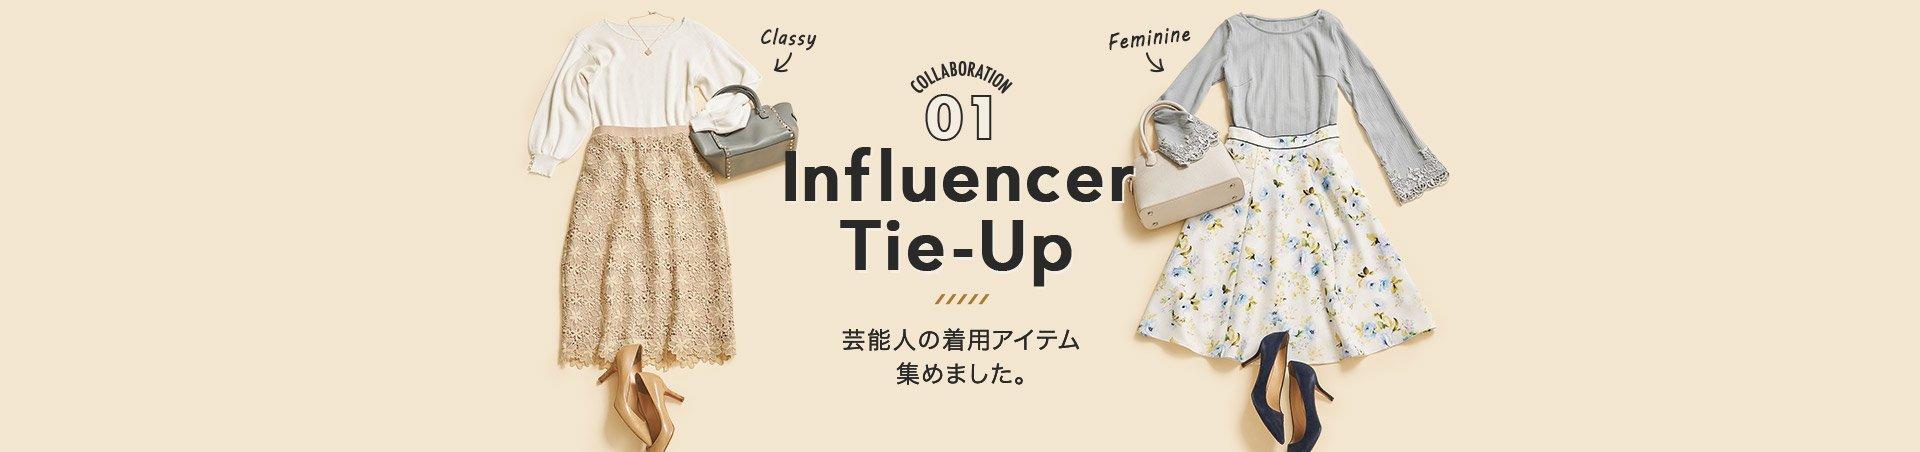 Influencer Tie-Up